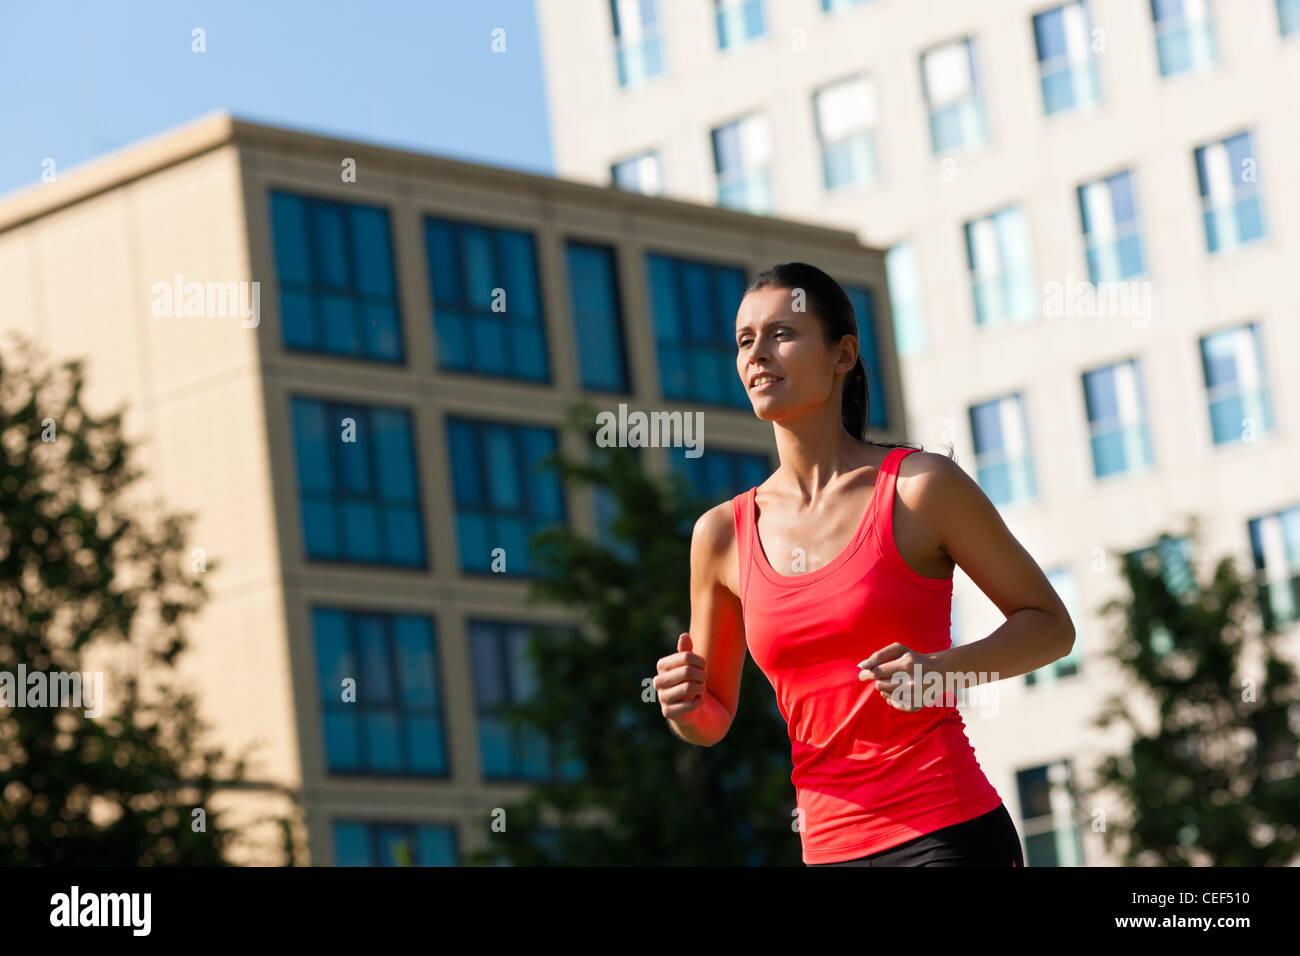 Urbane Sportarten - junge Frau Joggen für Fitness in der Stadt an einem schönen Sommertag Stockbild